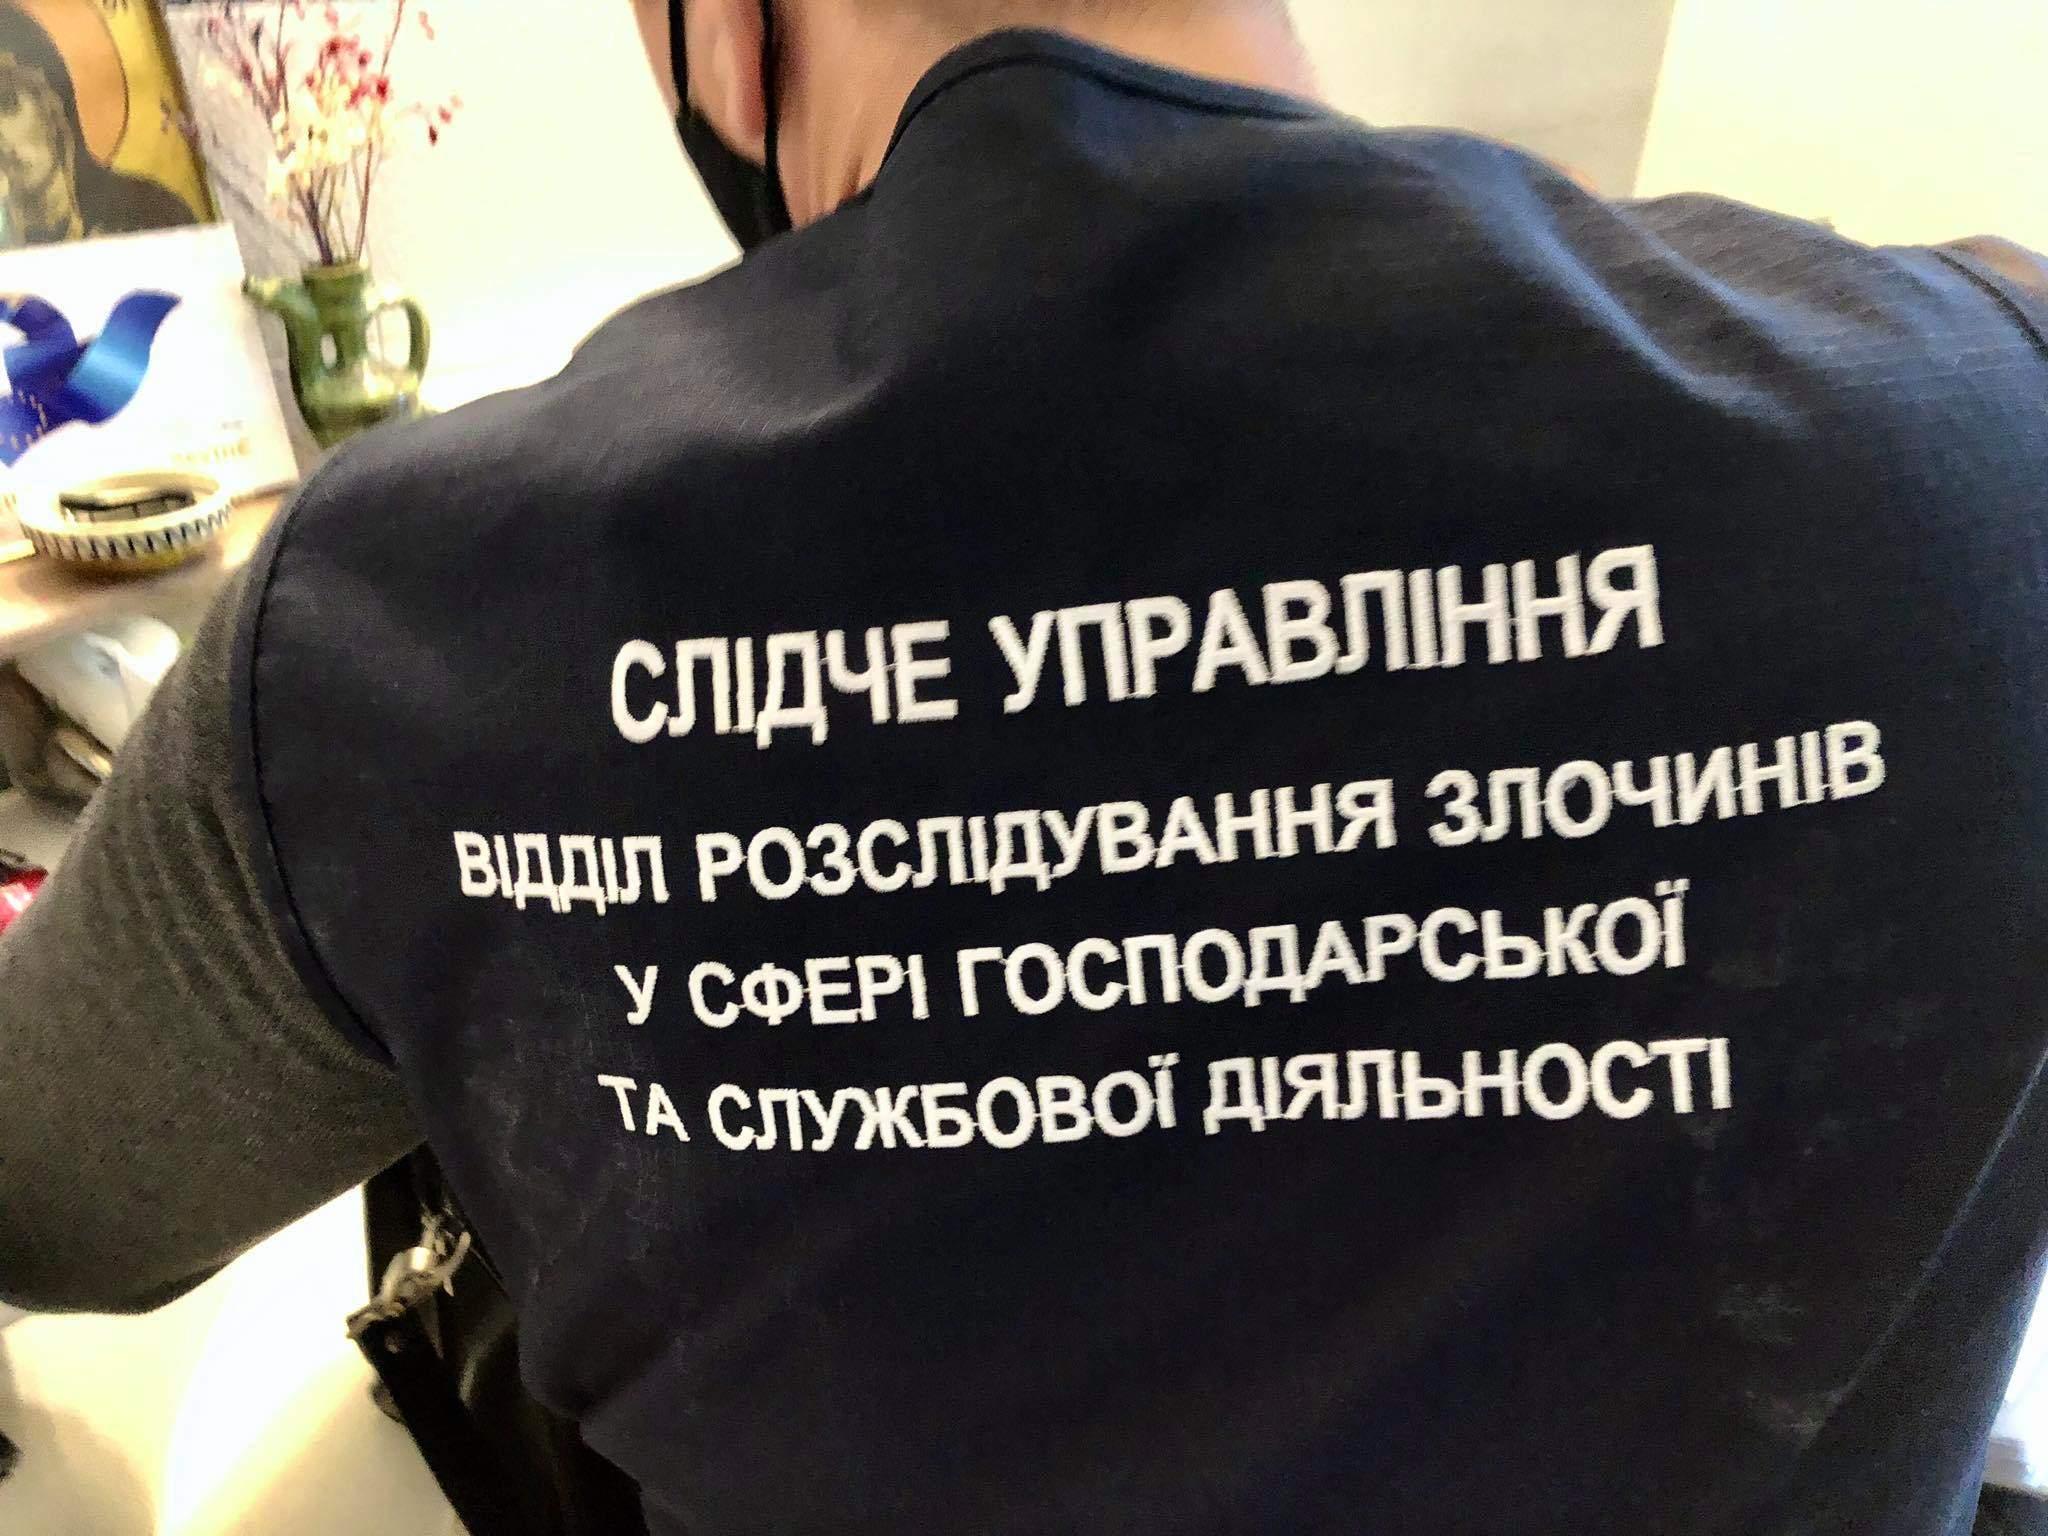 Обшук, Музей Революції Гідності, слідчі, відділ розслідування злочинів у сфері господарської та службової діяльності.